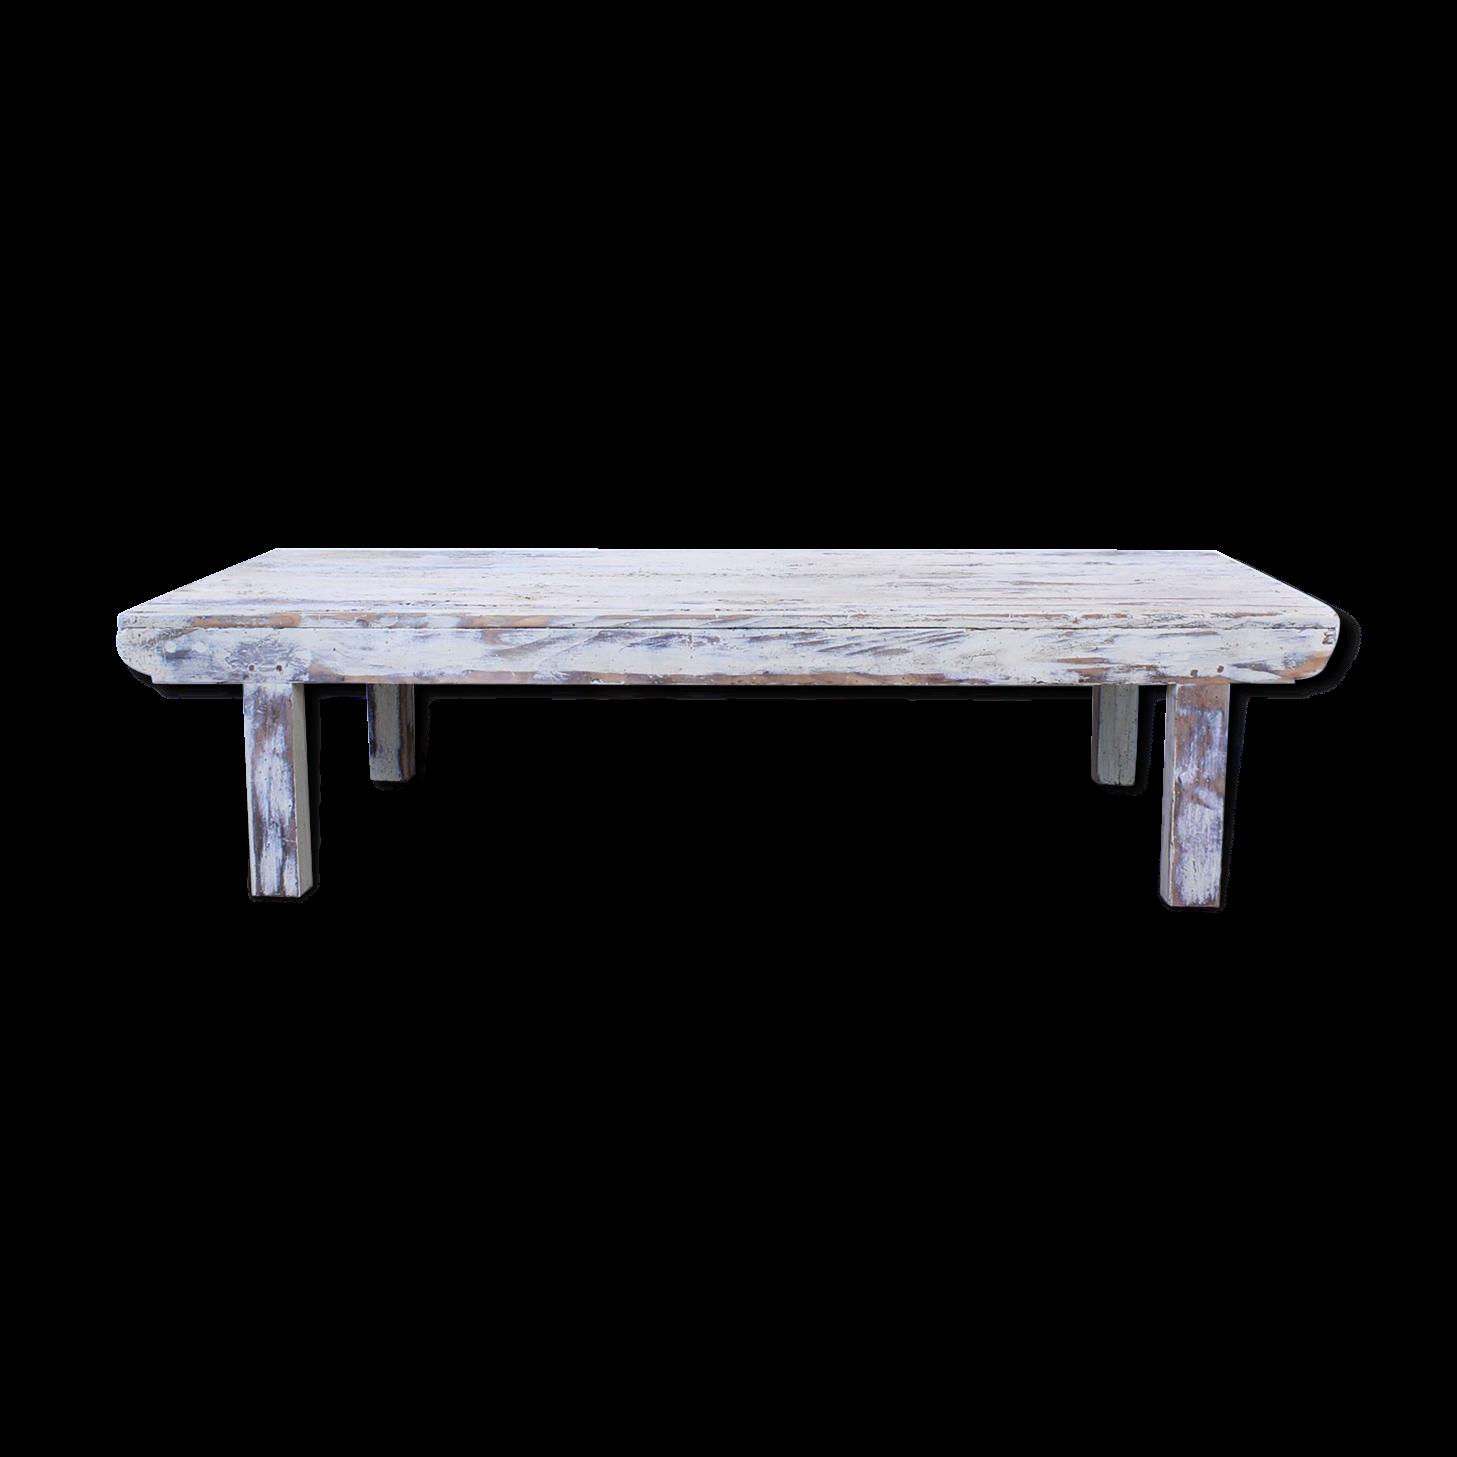 le bon coin table ronde bois ides de table basse amusant. Black Bedroom Furniture Sets. Home Design Ideas